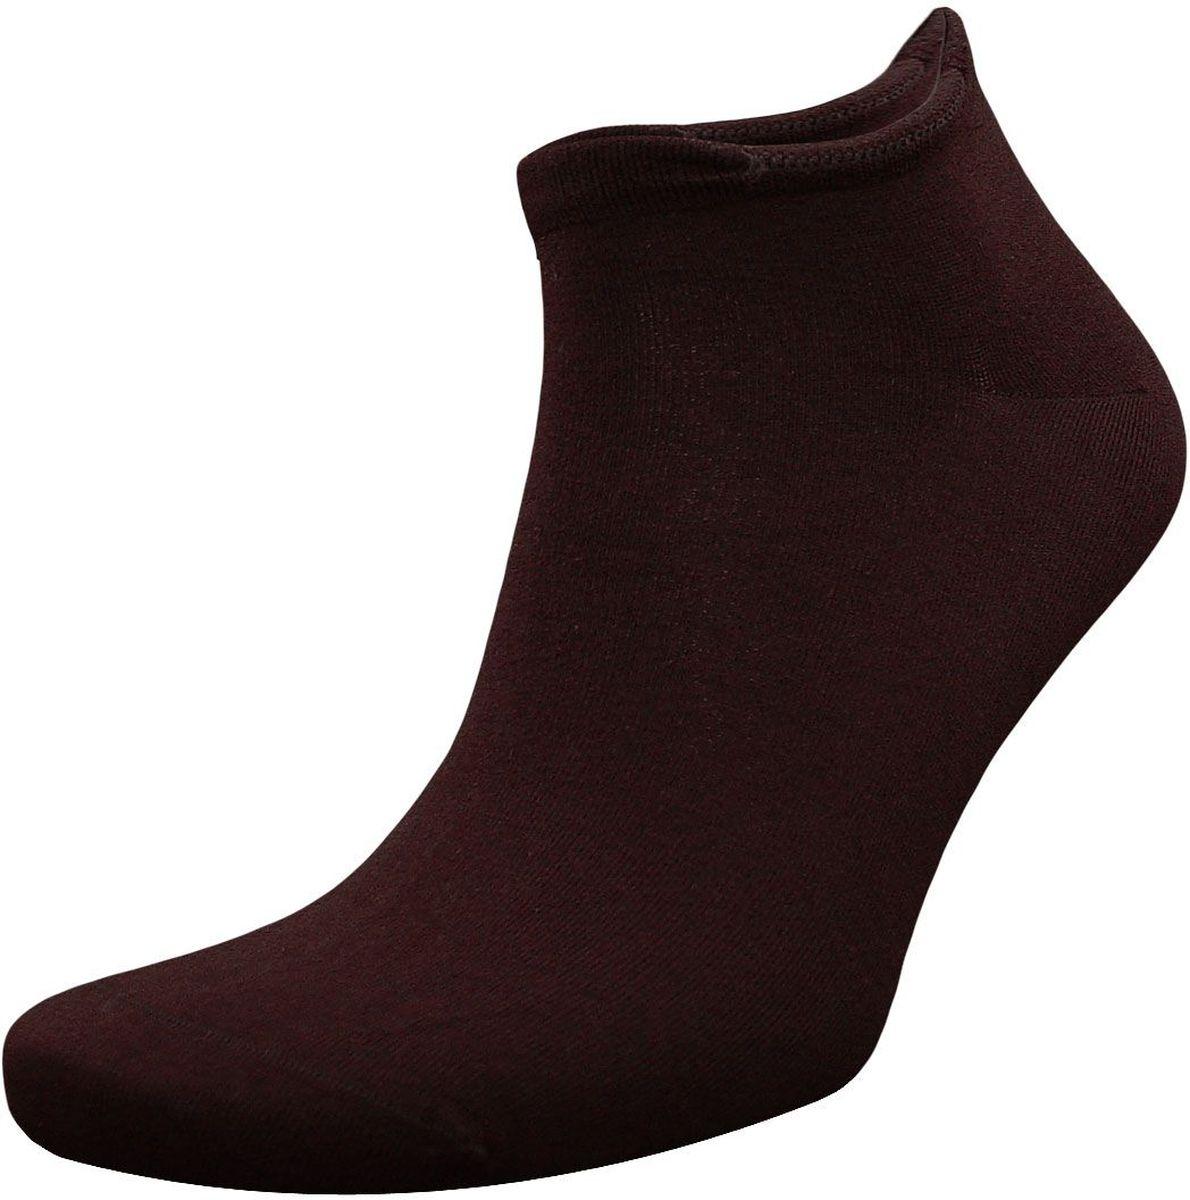 Носки мужские Гранд, цвет: темно-коричневый, 2 пары. ZCL4. Размер 29/31 носки гранд носки